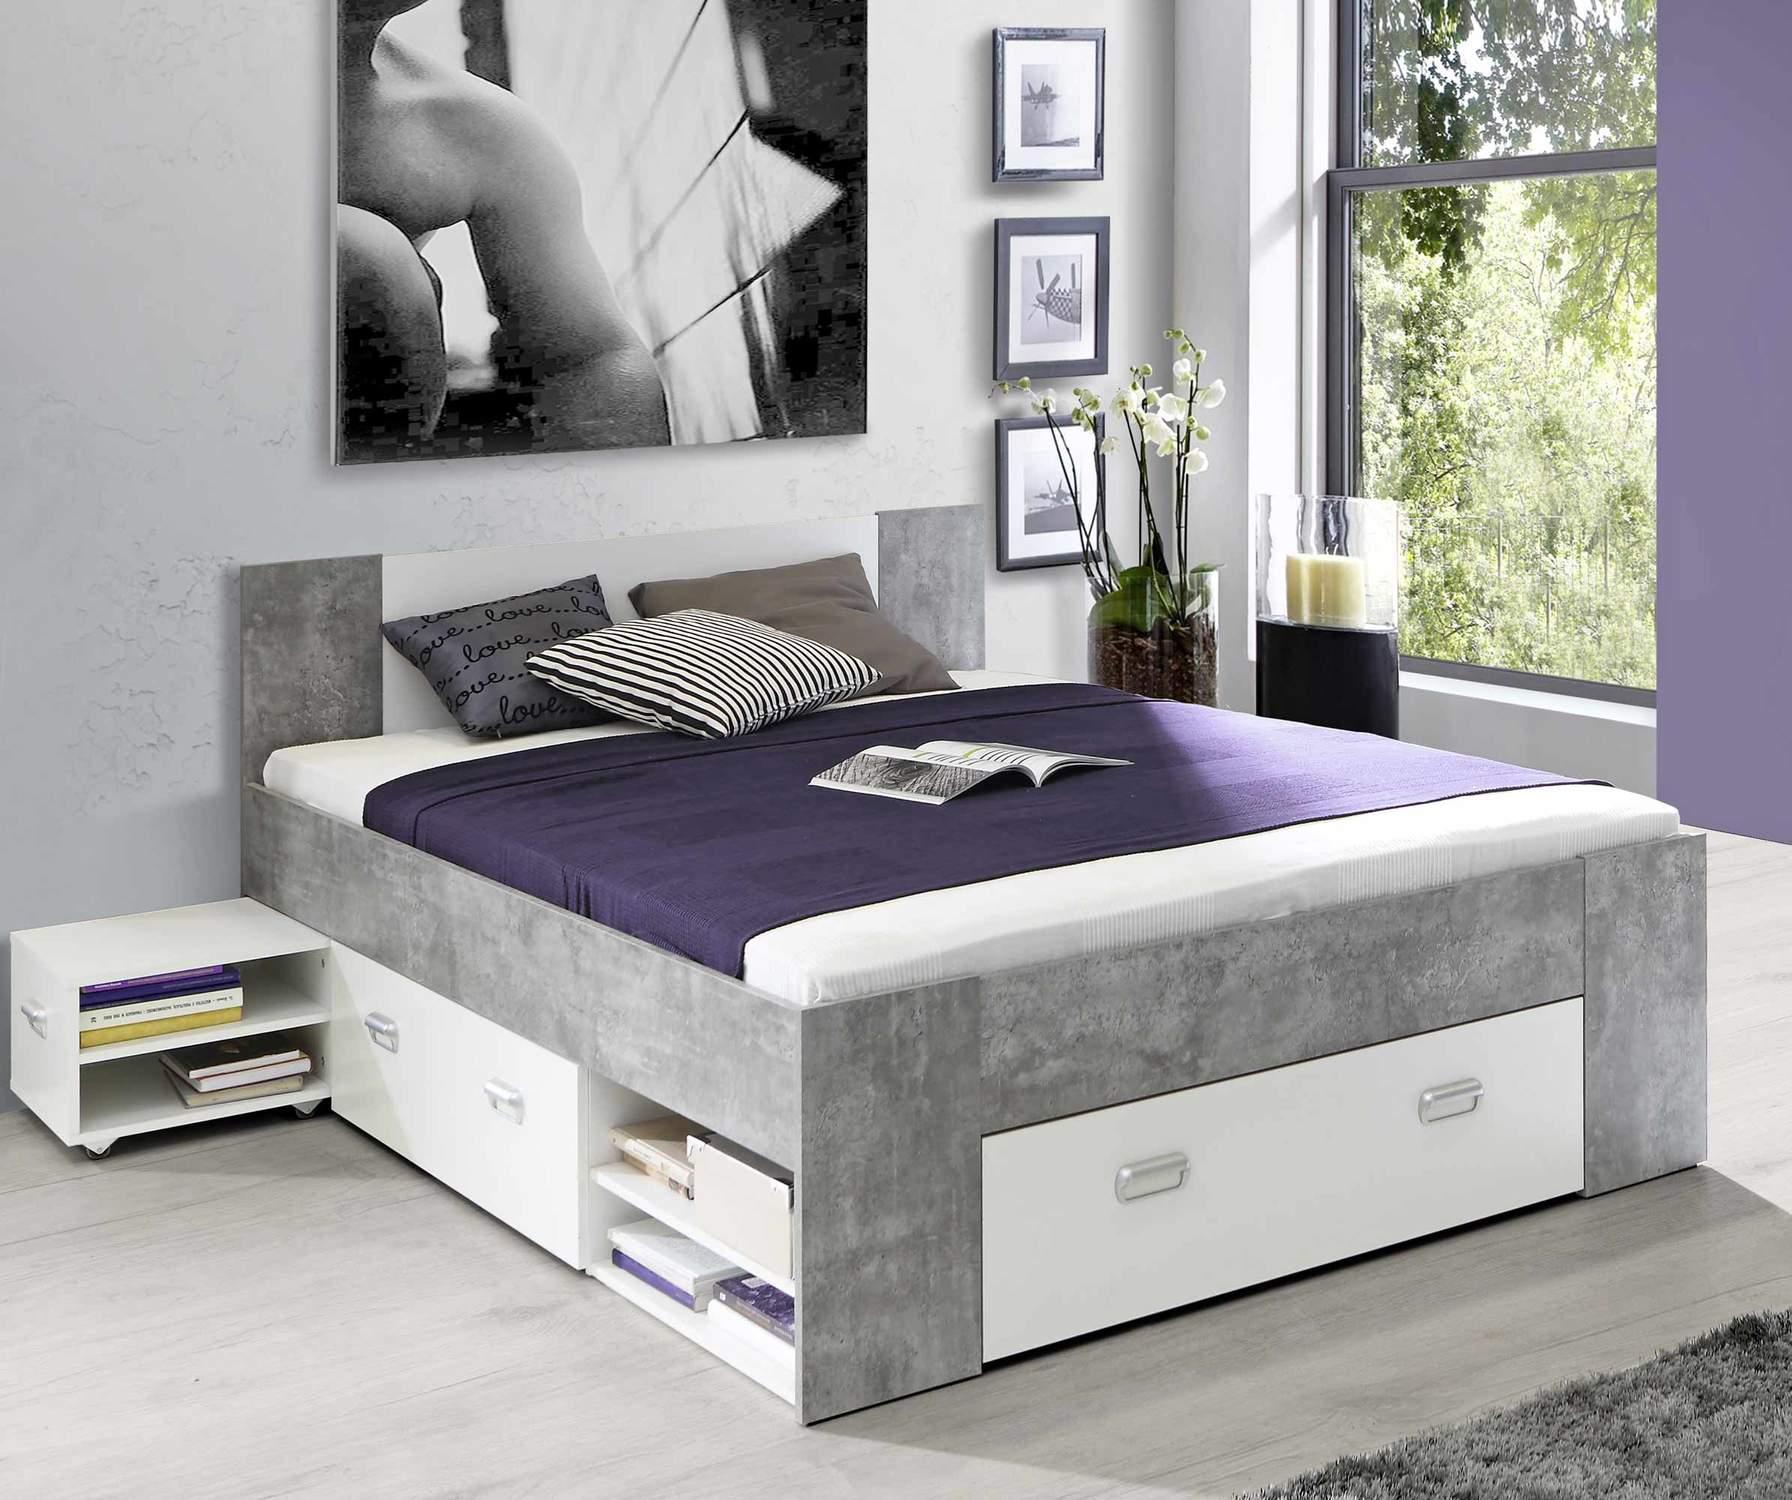 Funktionsbett Jugendbett BOB 140 x 200 cm Beton Optik / weiß von Forte